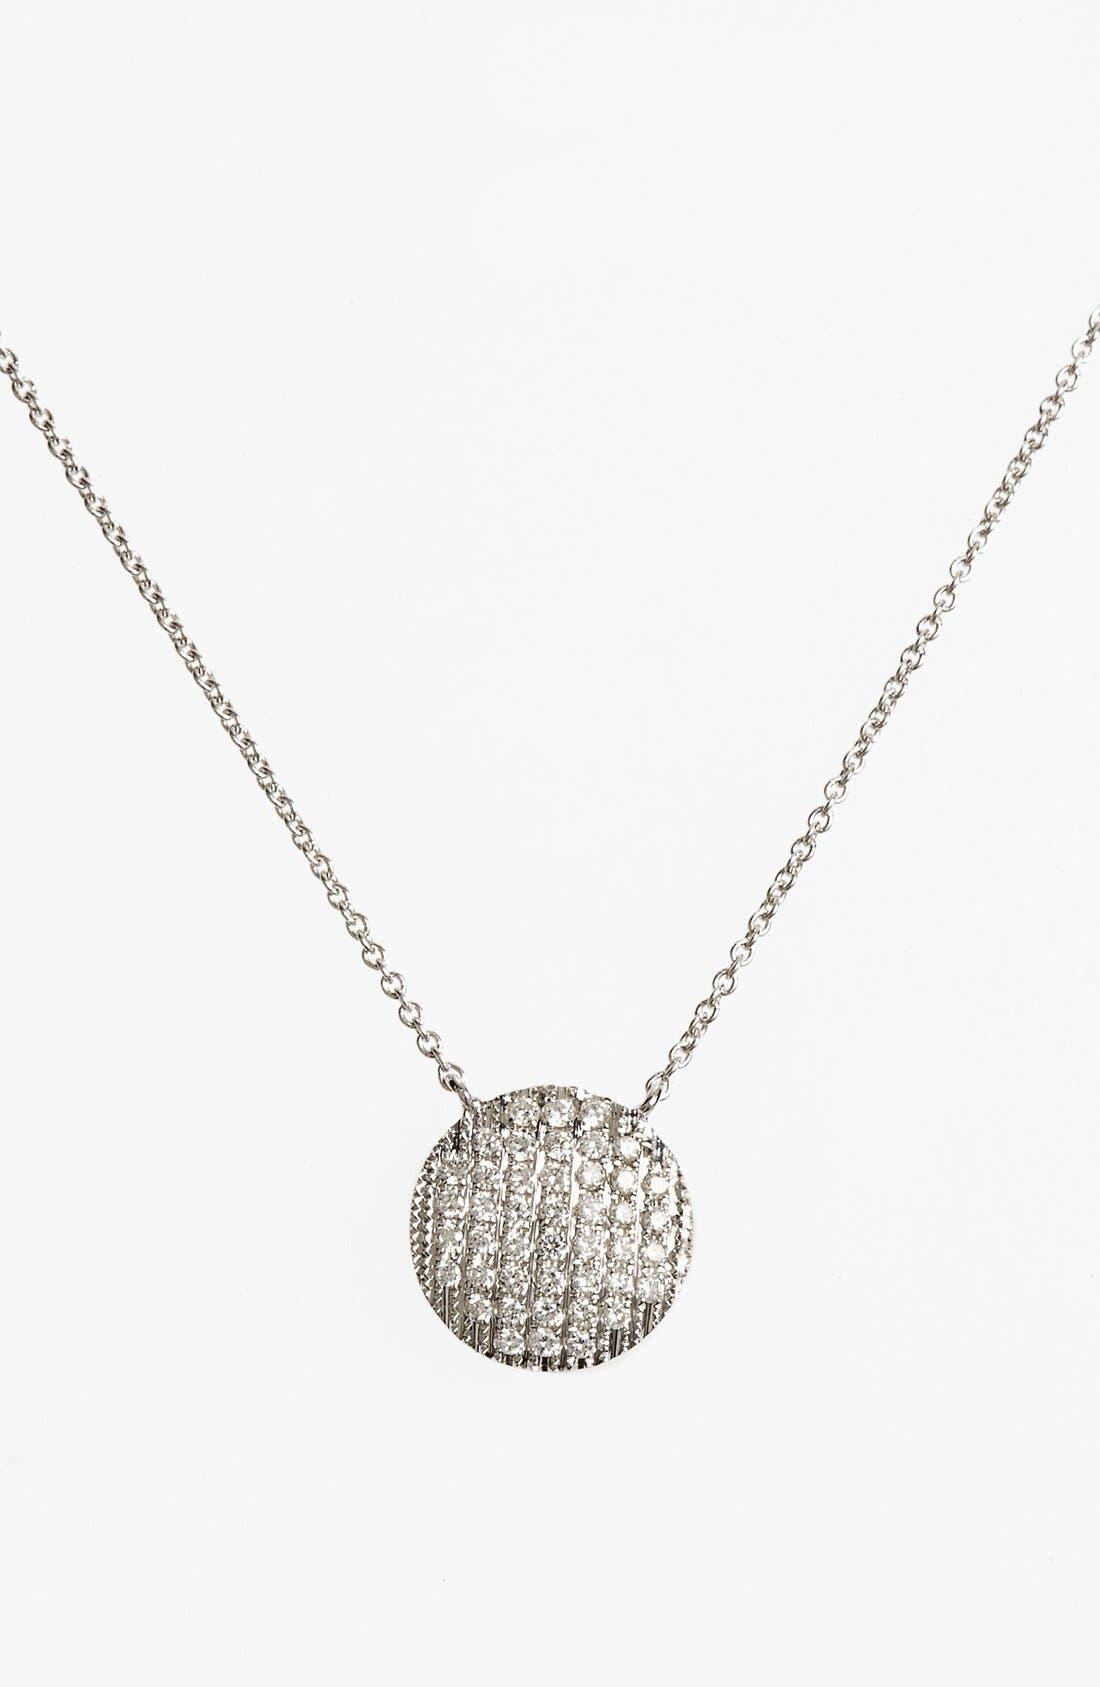 'Lauren Joy' Diamond Disc Pendant Necklace,                             Main thumbnail 1, color,                             WHITE GOLD